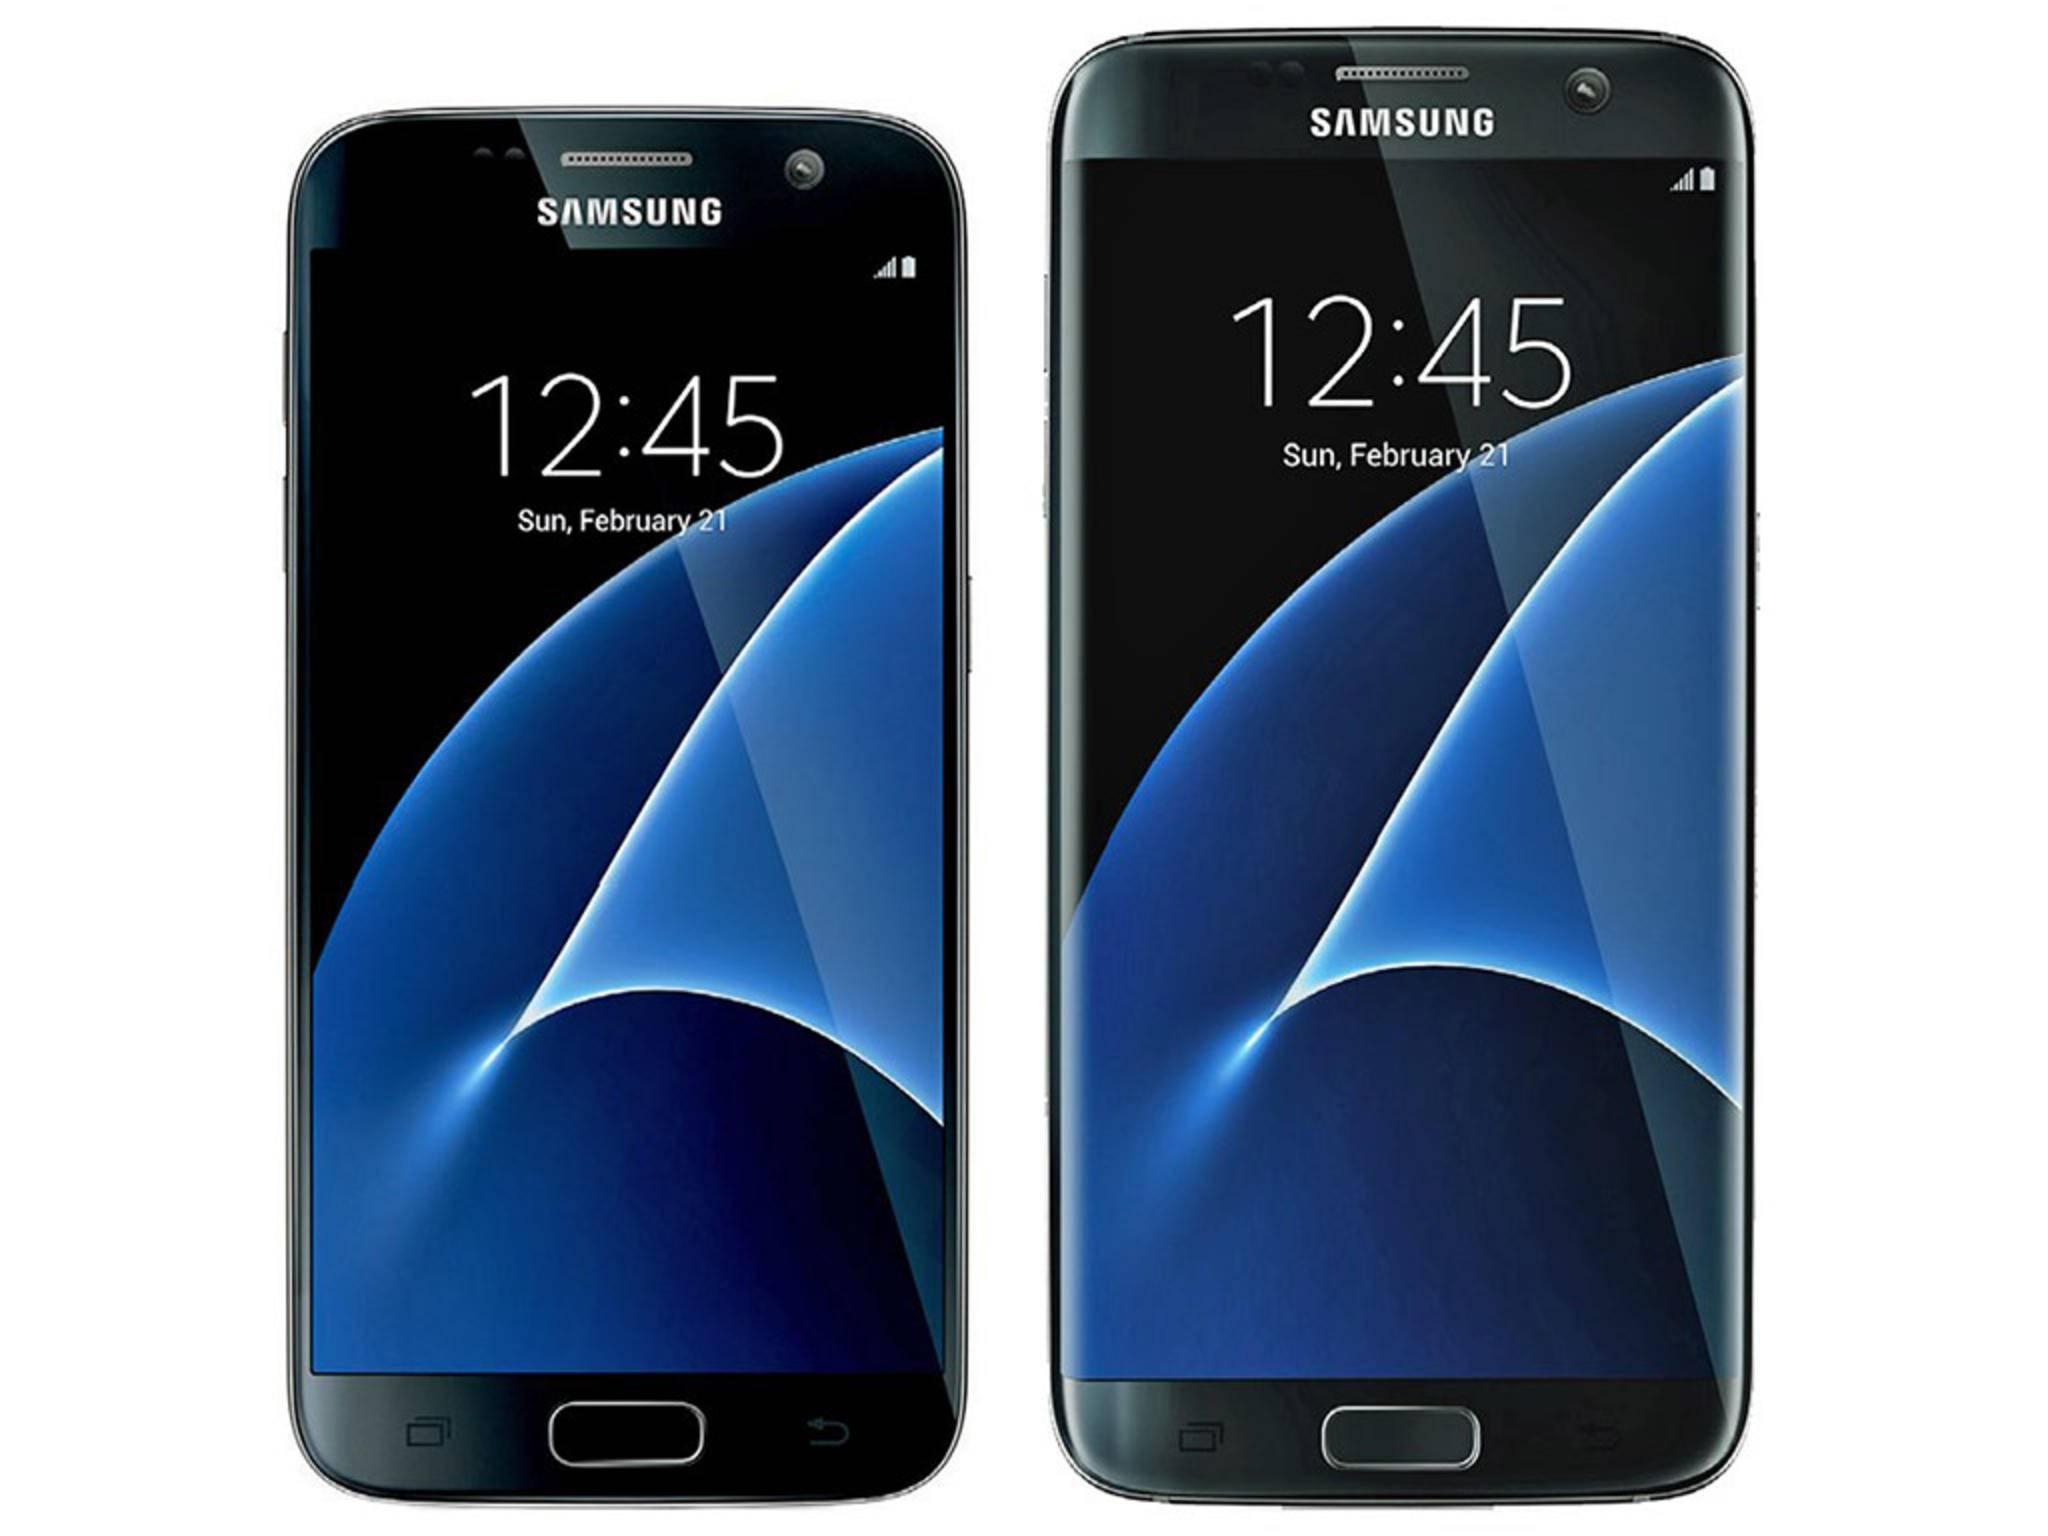 Galaxy S7 und Galaxy S7 edge werden demnächst enthüllt.